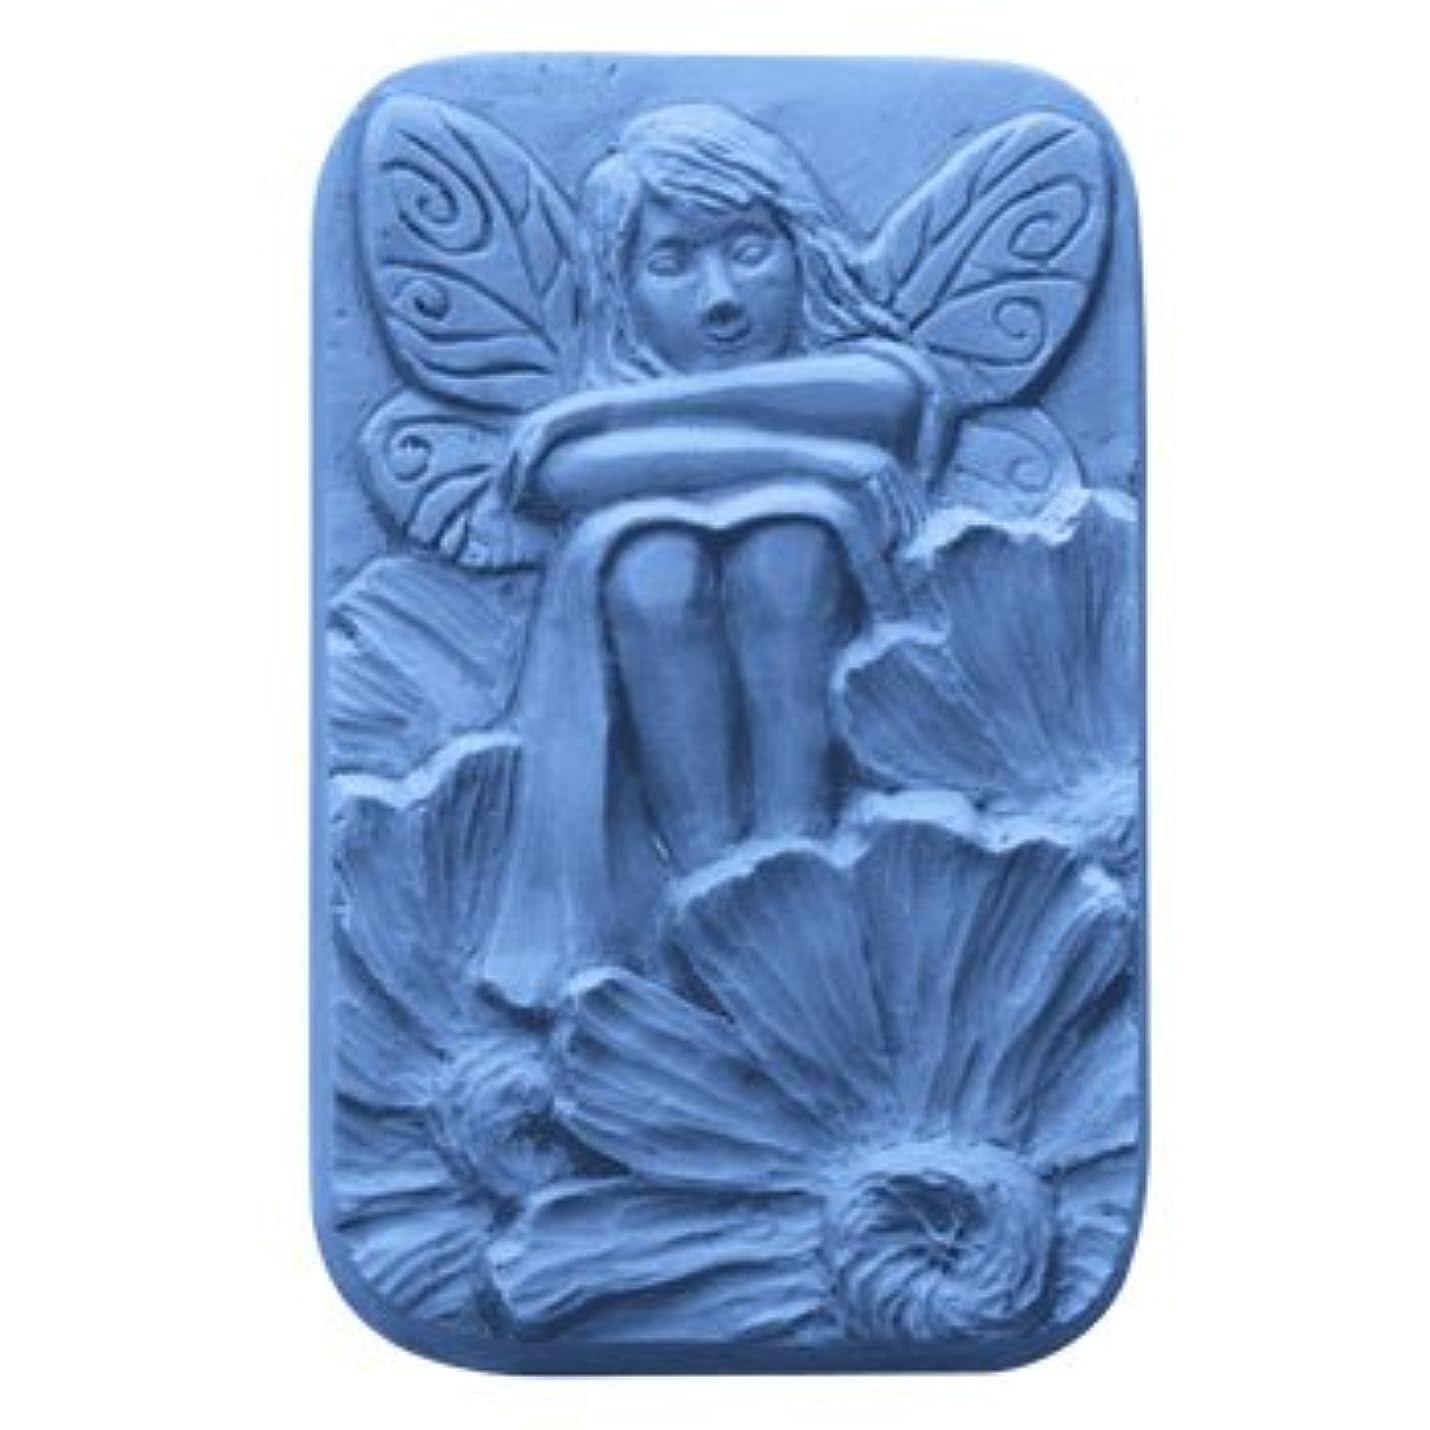 区画連邦デュアルミルキーウェイ フェアリー[妖精] 【ソープモールド/石鹸型/シートモールド】